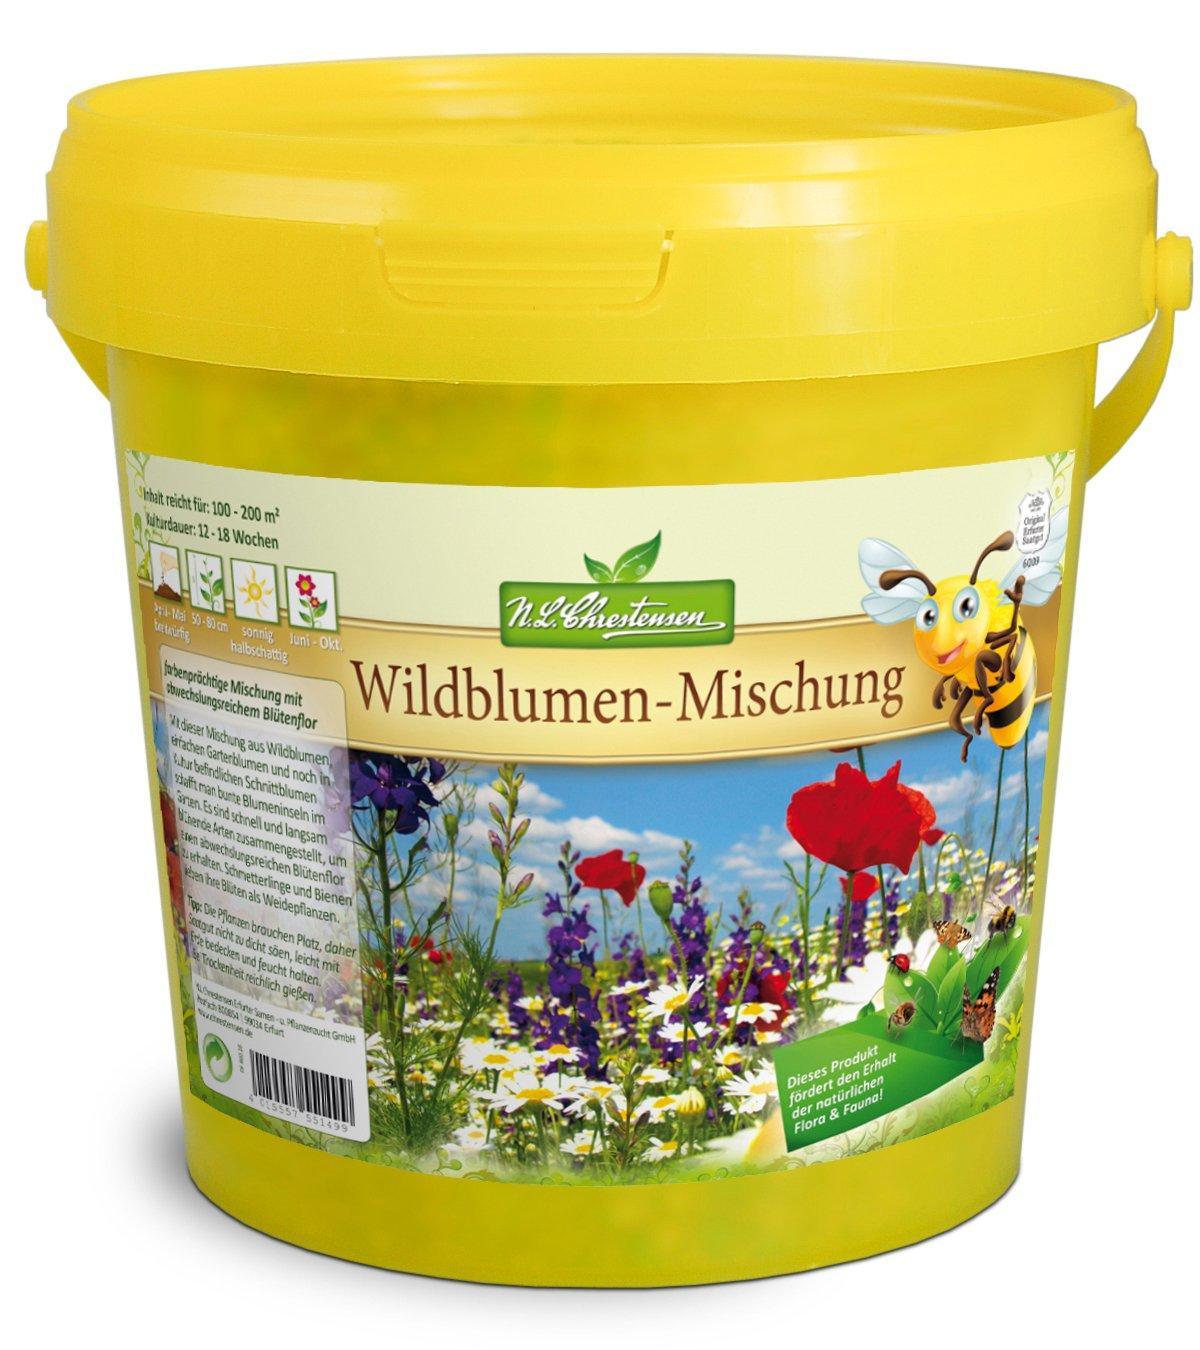 Ein Paradies f/ür alle Insekten Blumensaatgut Mehrfarbig N.L.Chrestensen SET 2 Eimer